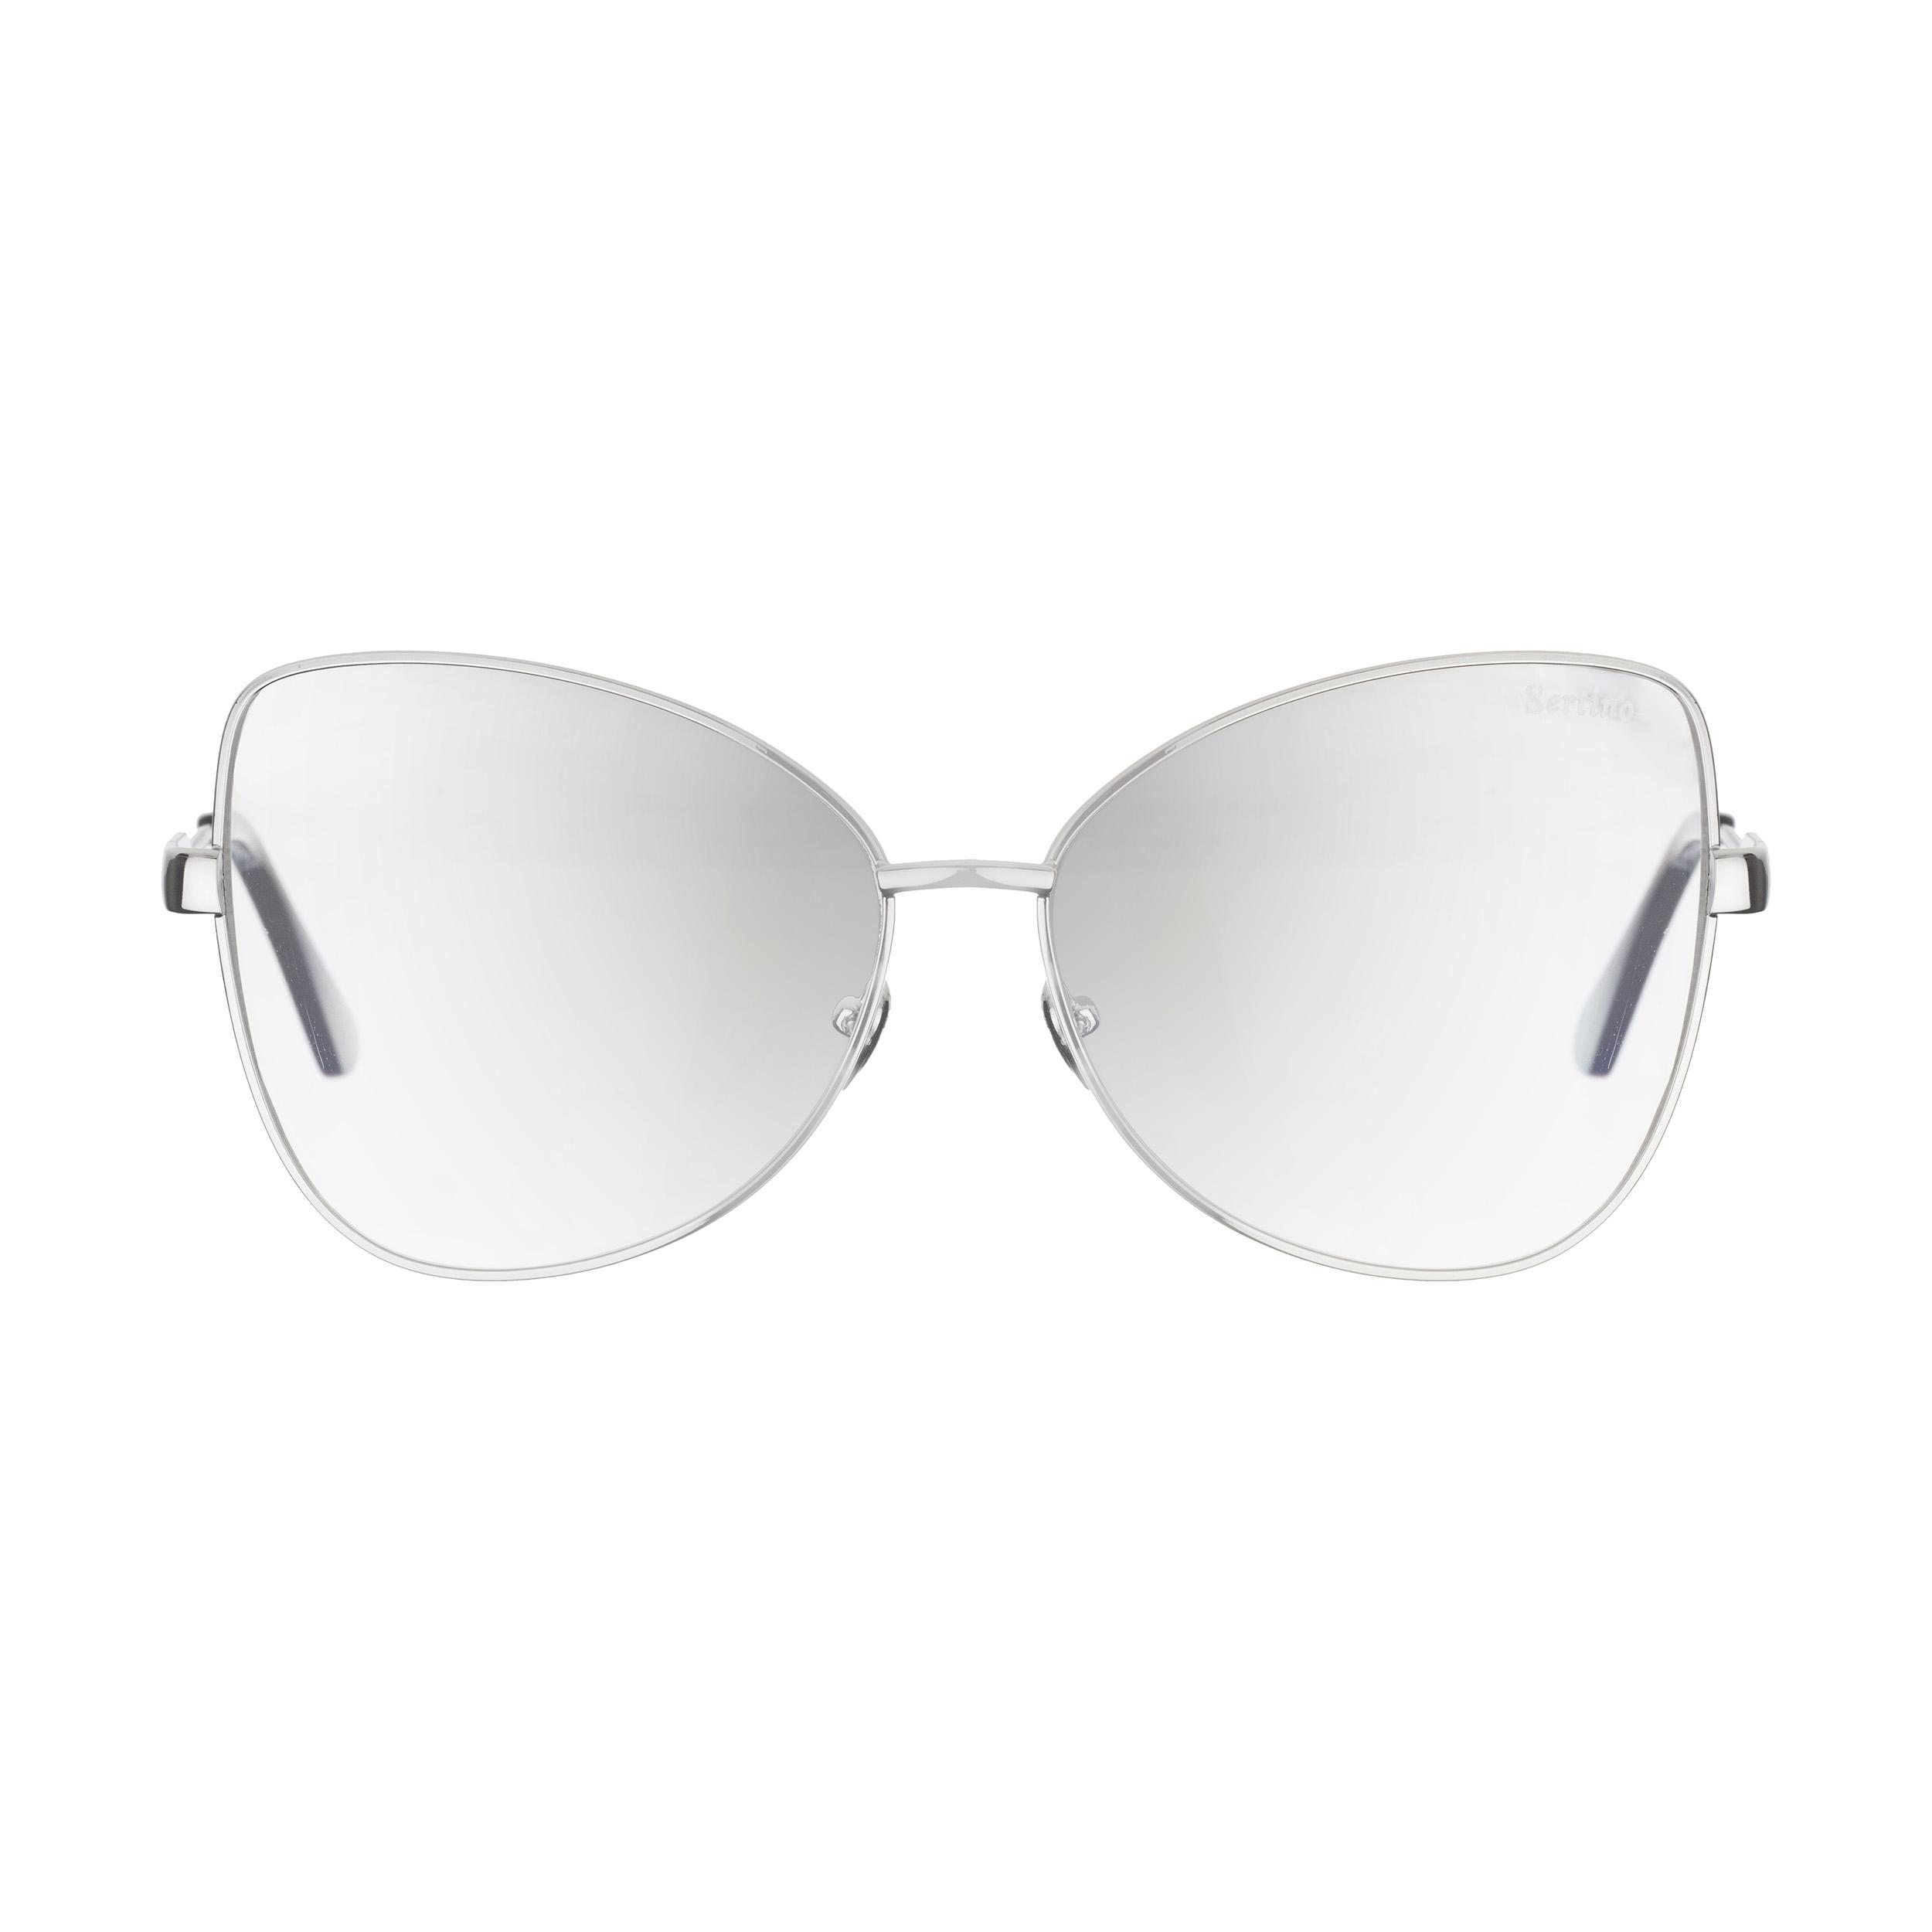 عینک آفتابی سرتینیو کد 2820